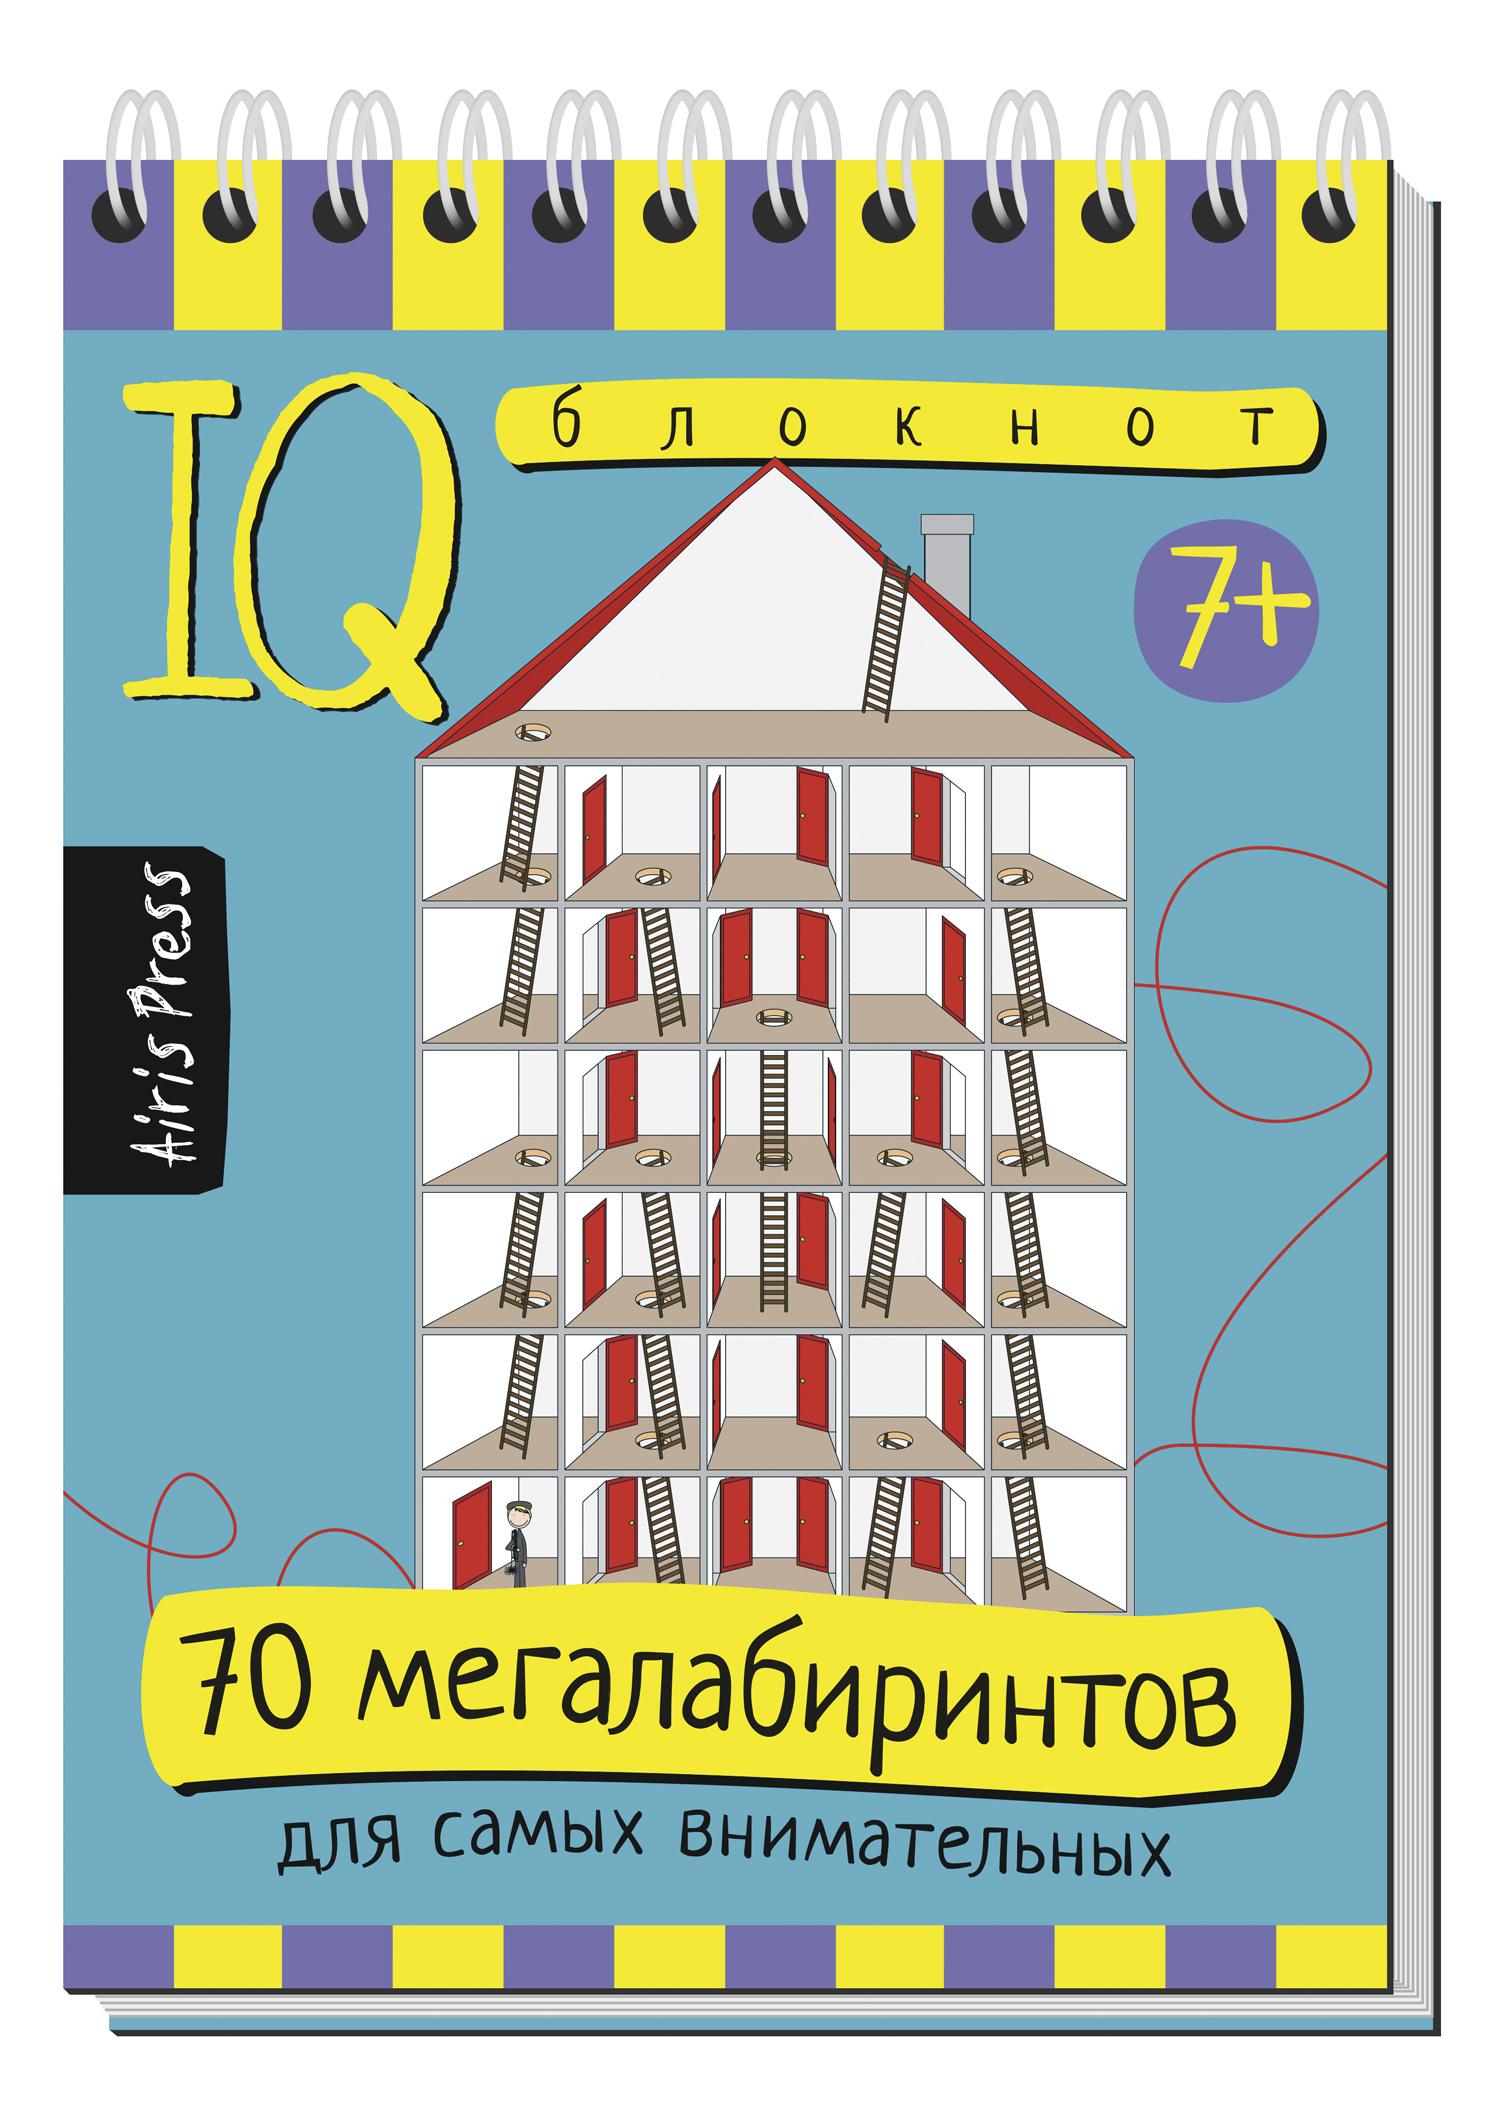 Купить АЙРИС-ПРЕСС Умный блокнот. 70 мегалабиринтов [25686], Обучающие материалы и авторские методики для детей